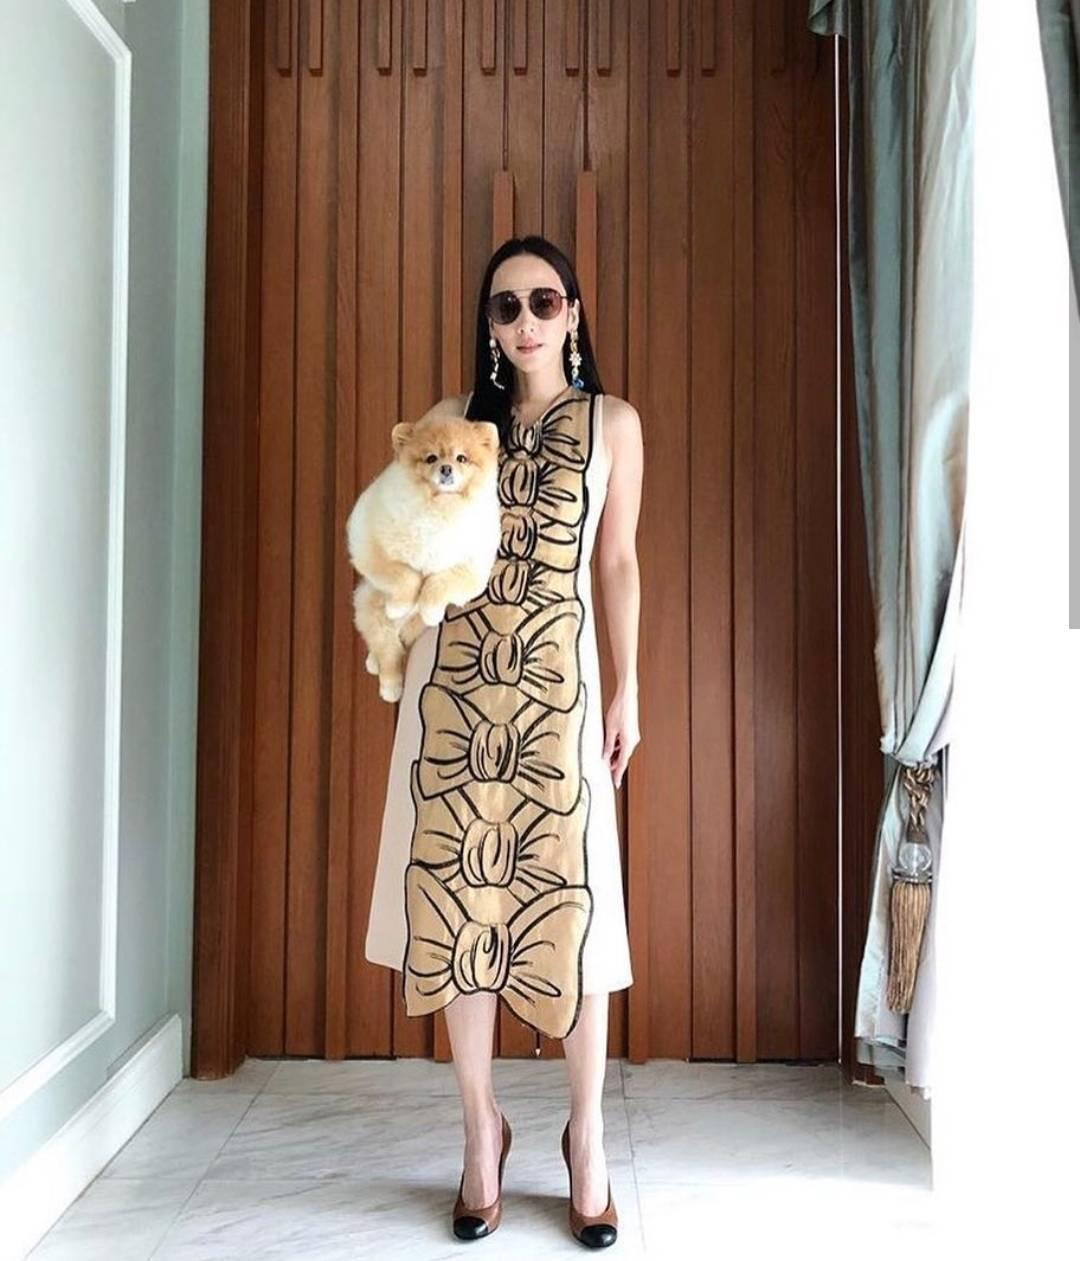 Dressทรงยาวเเขนกุดสีครีมทองอร่าม